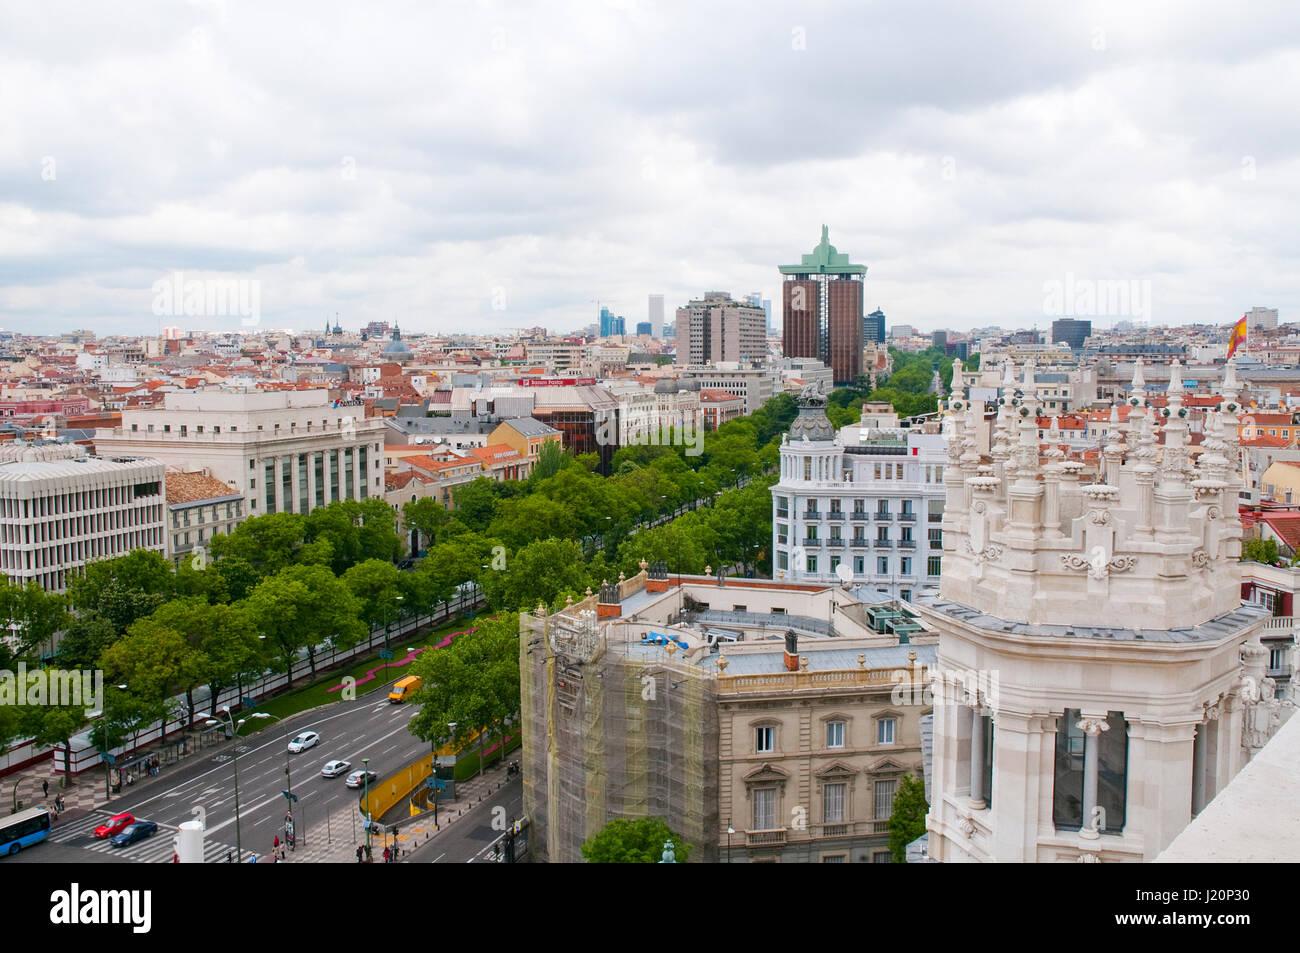 Paseo de Recoletos, Ansicht von oben. Madrid, Spanien. Stockbild